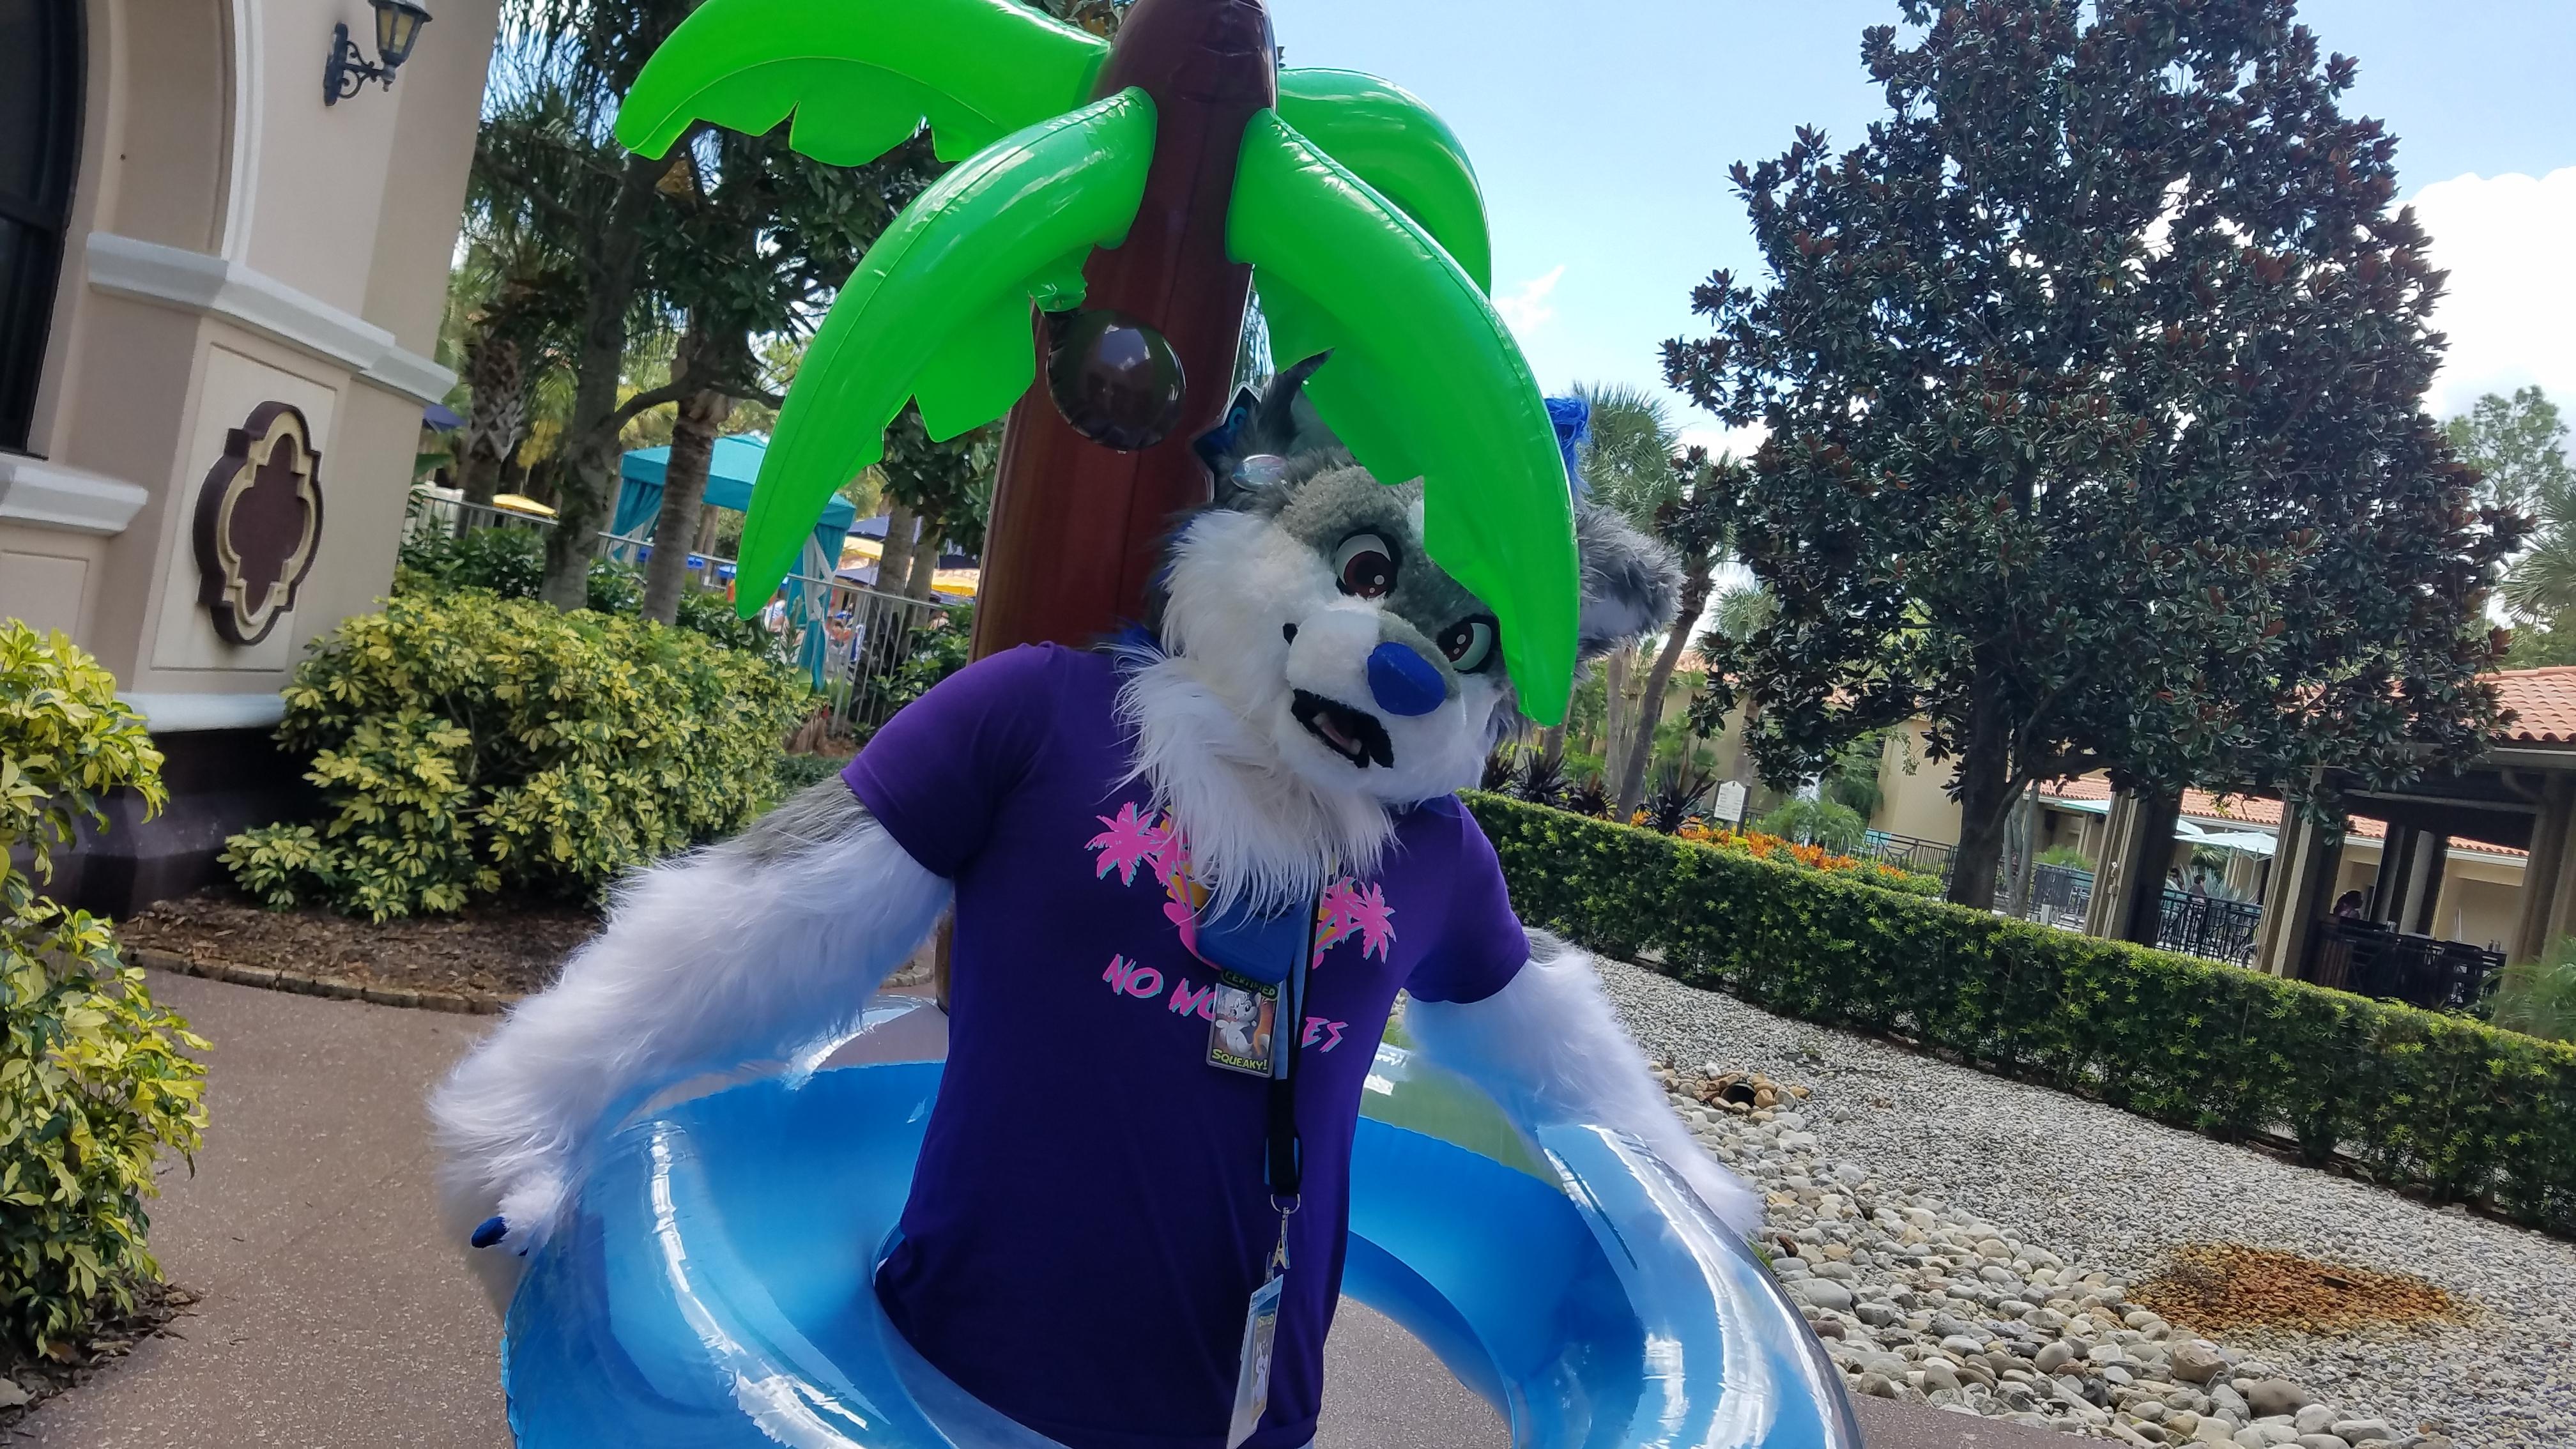 Treble Husky